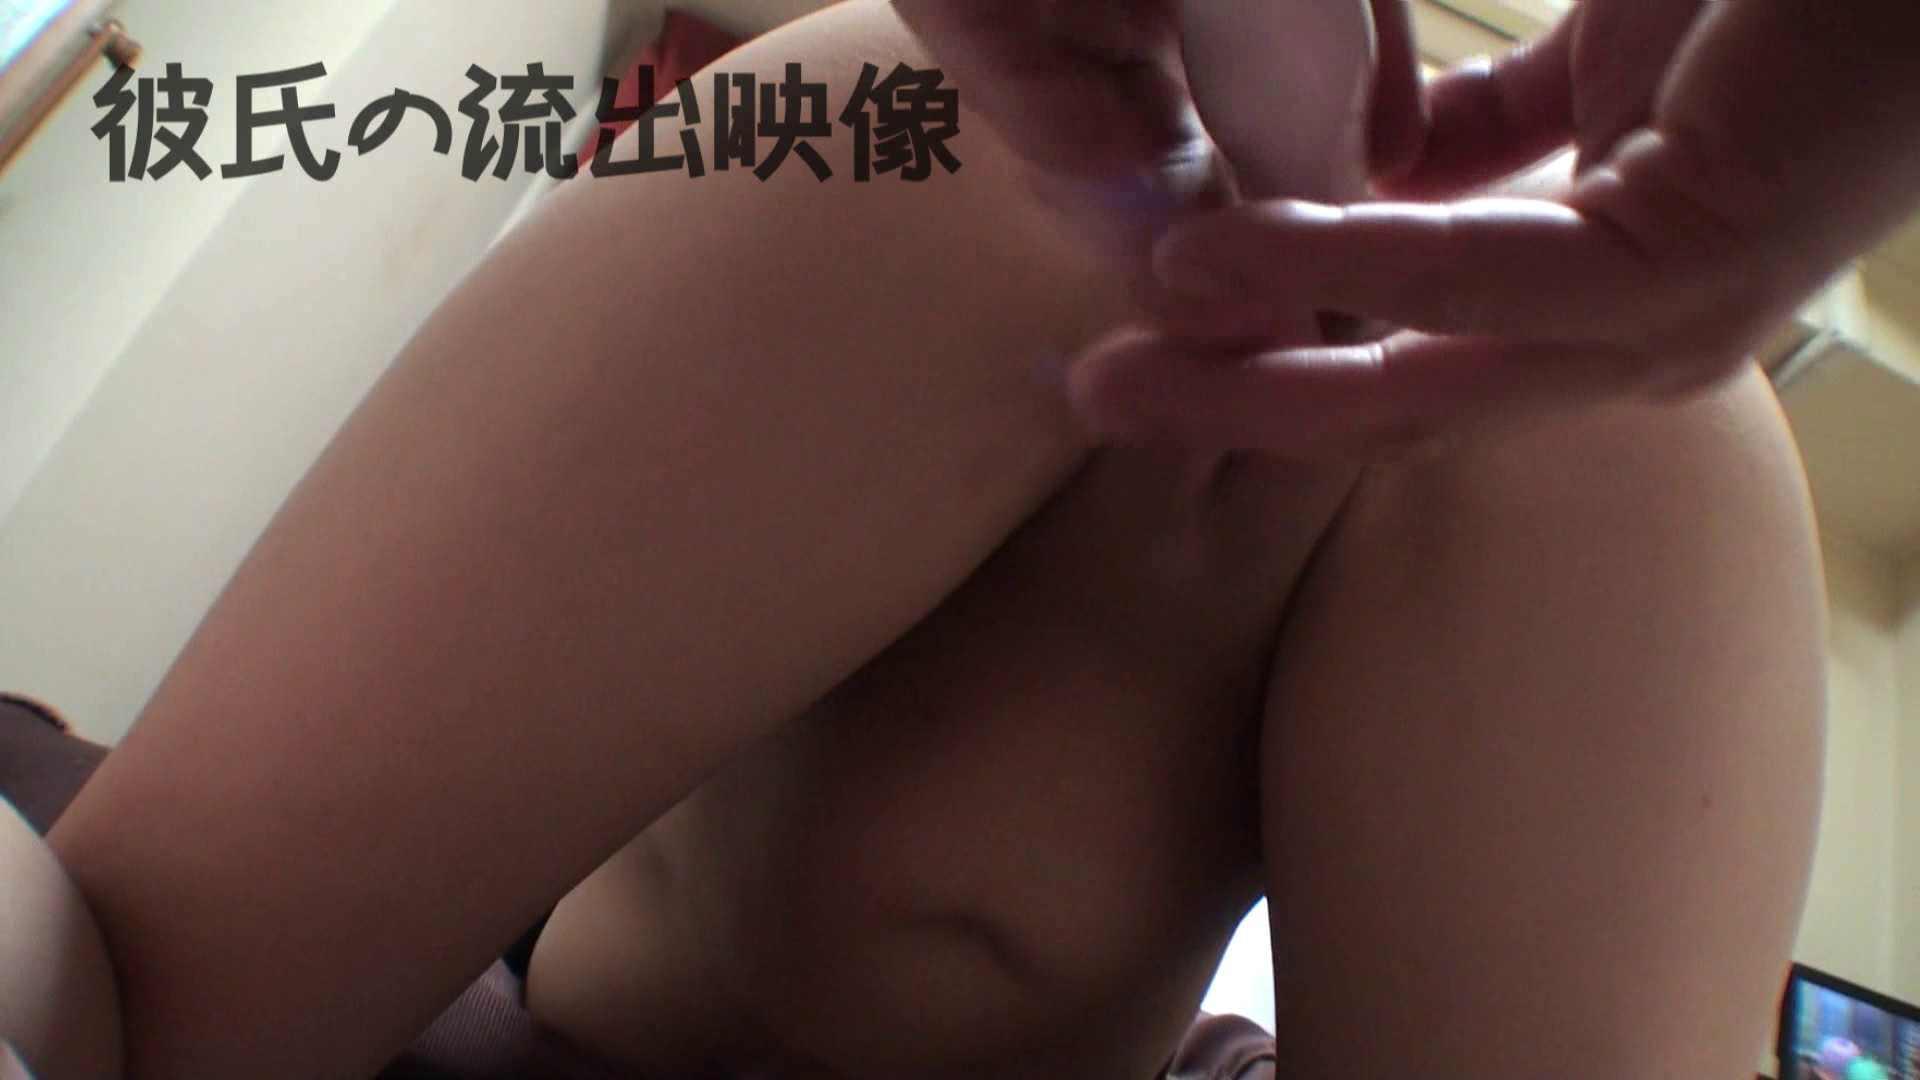 彼氏が流出 パイパン素人嬢のハメ撮り映像04 パイパン | 素人達のヌード  68連発 58